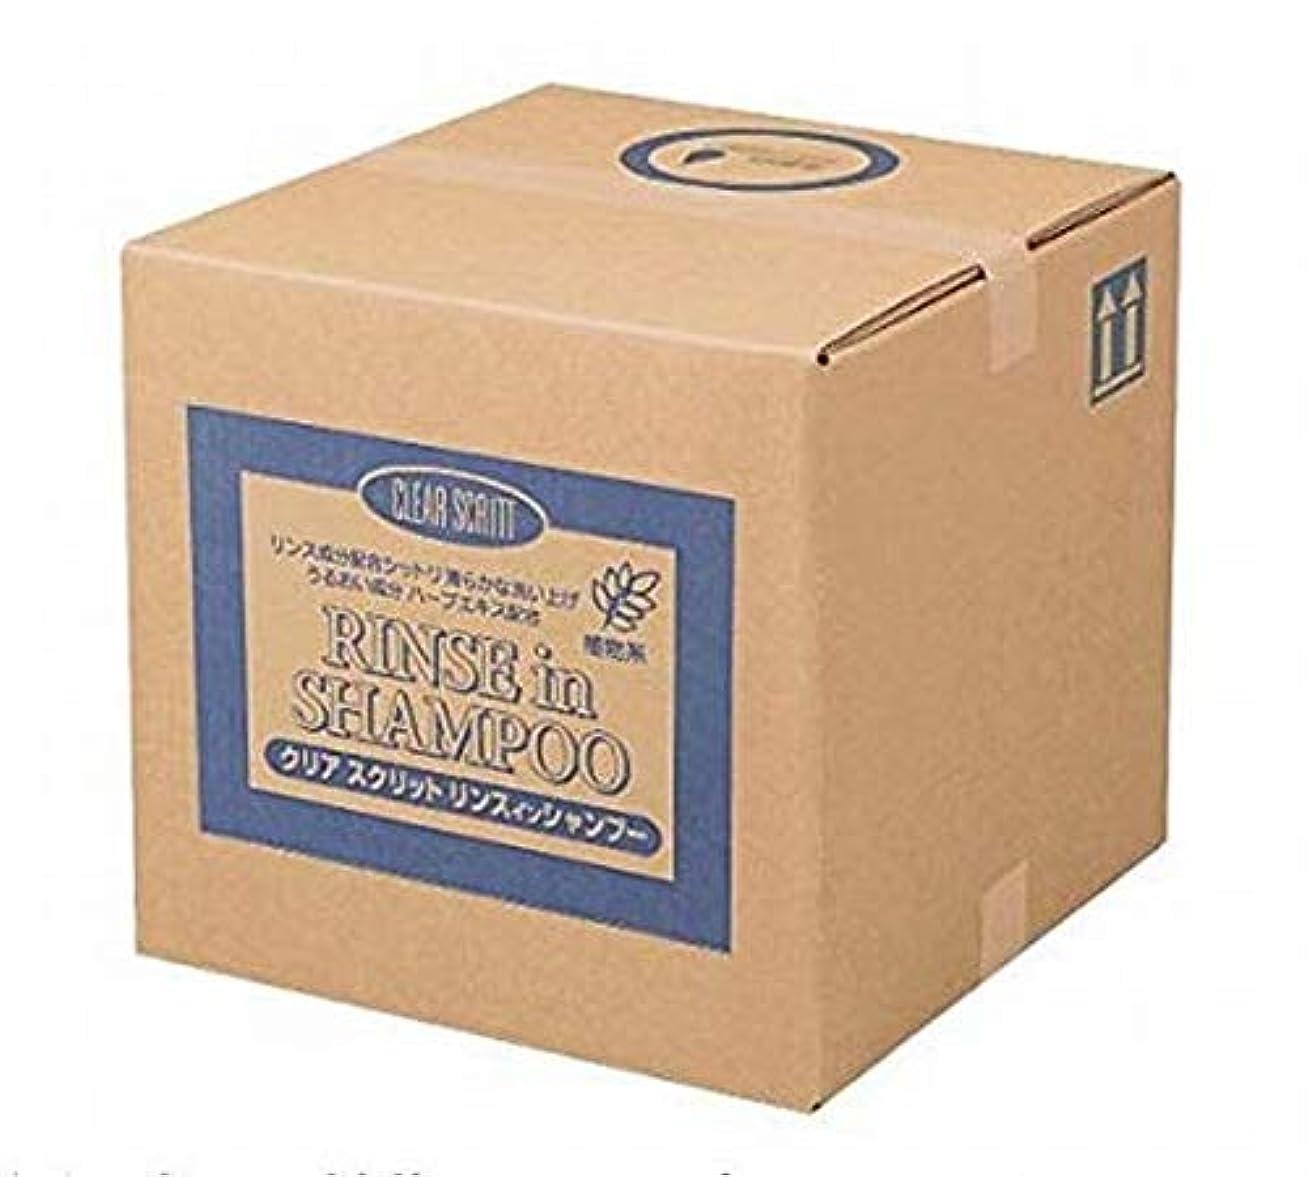 グローブ傀儡動詞業務用 クリアスクリットリンスインシャンプー 4356(18L) 熊野油脂 (コック付き)